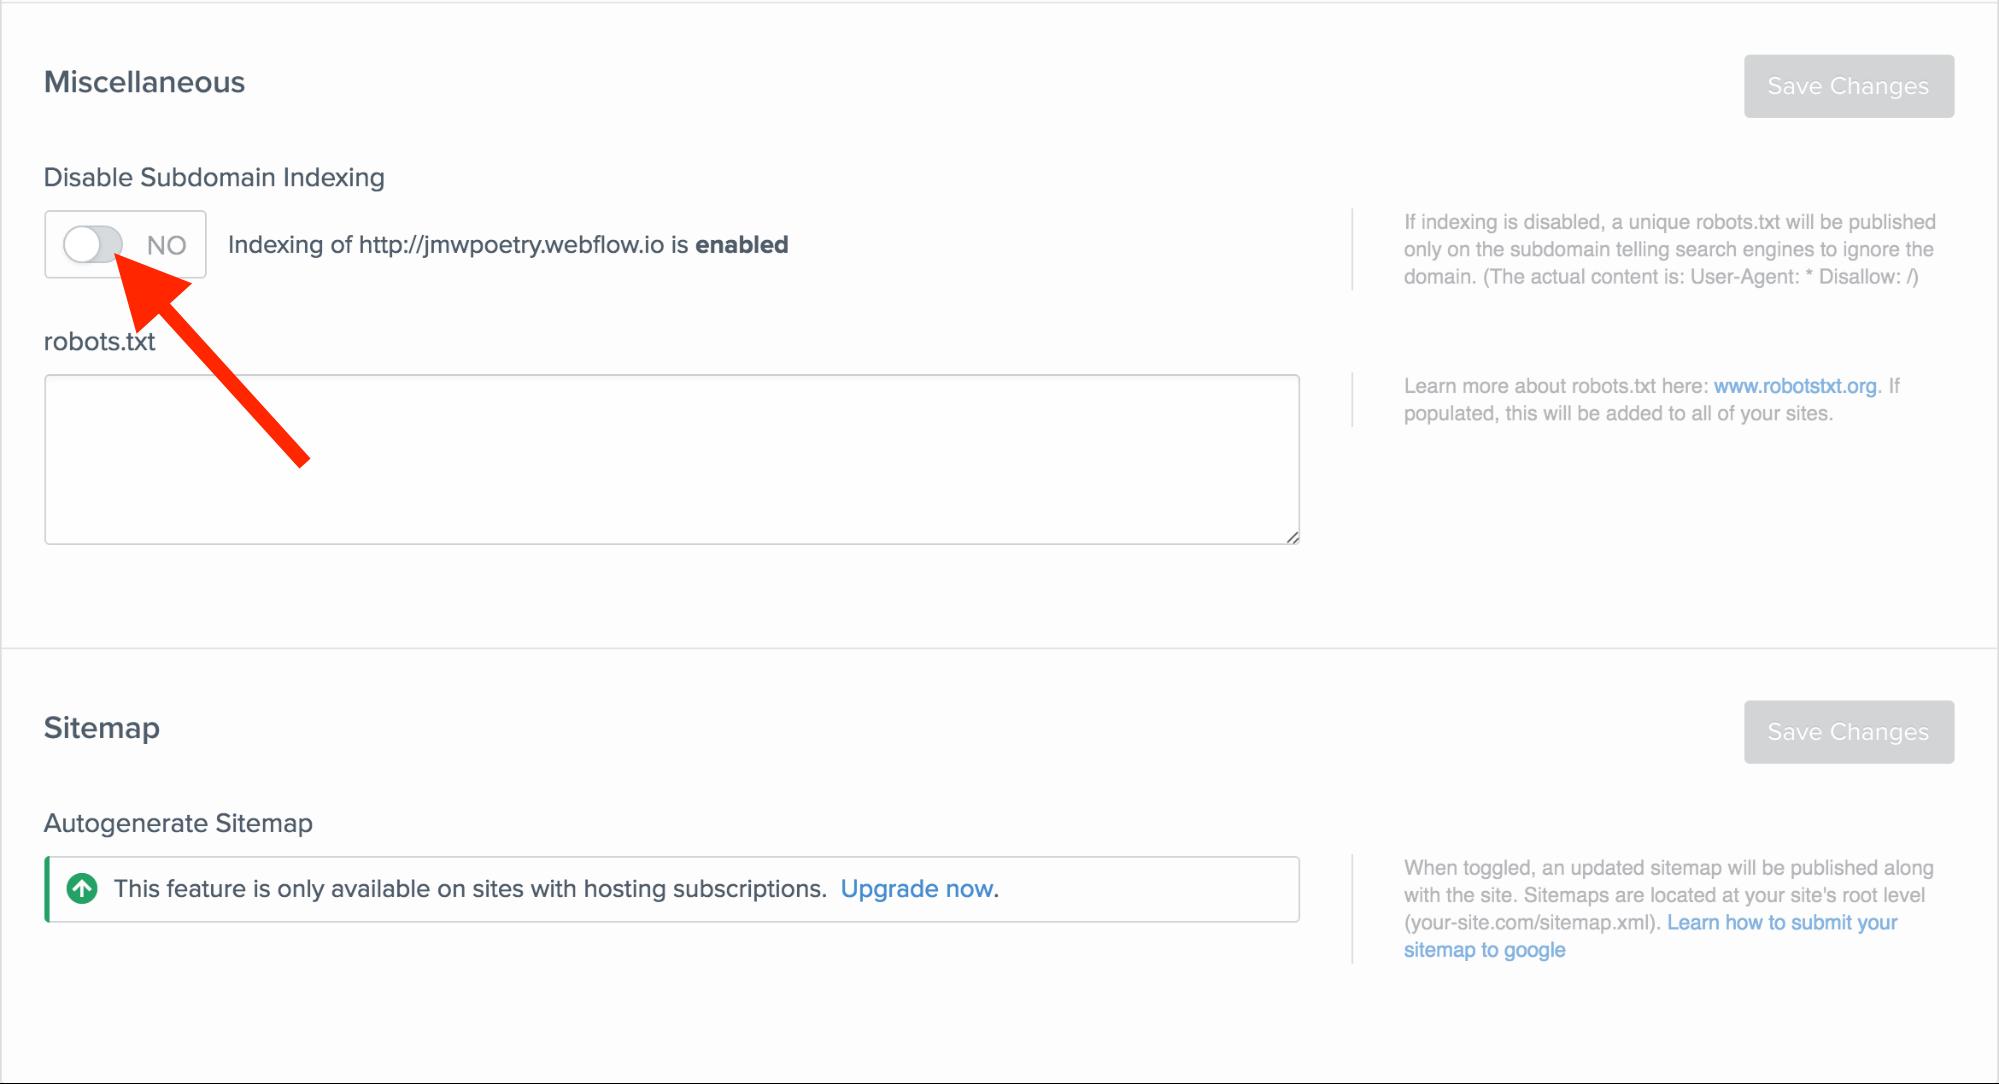 Die Indizierung deiner webflow.io-Subdomain deaktivieren